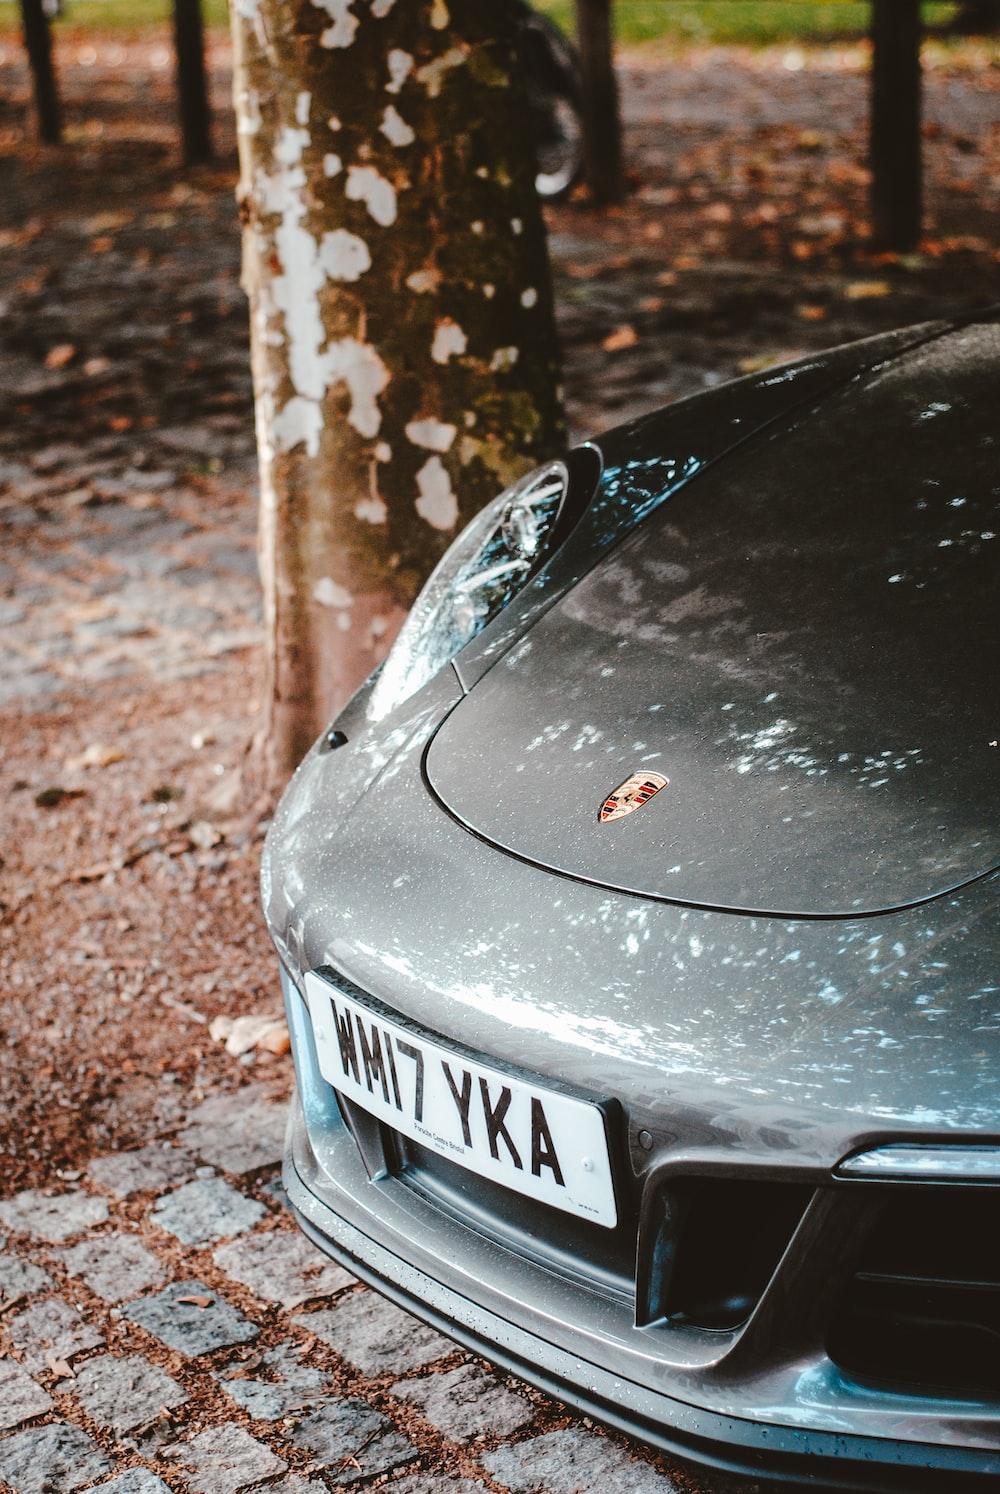 Porsche car under the tree